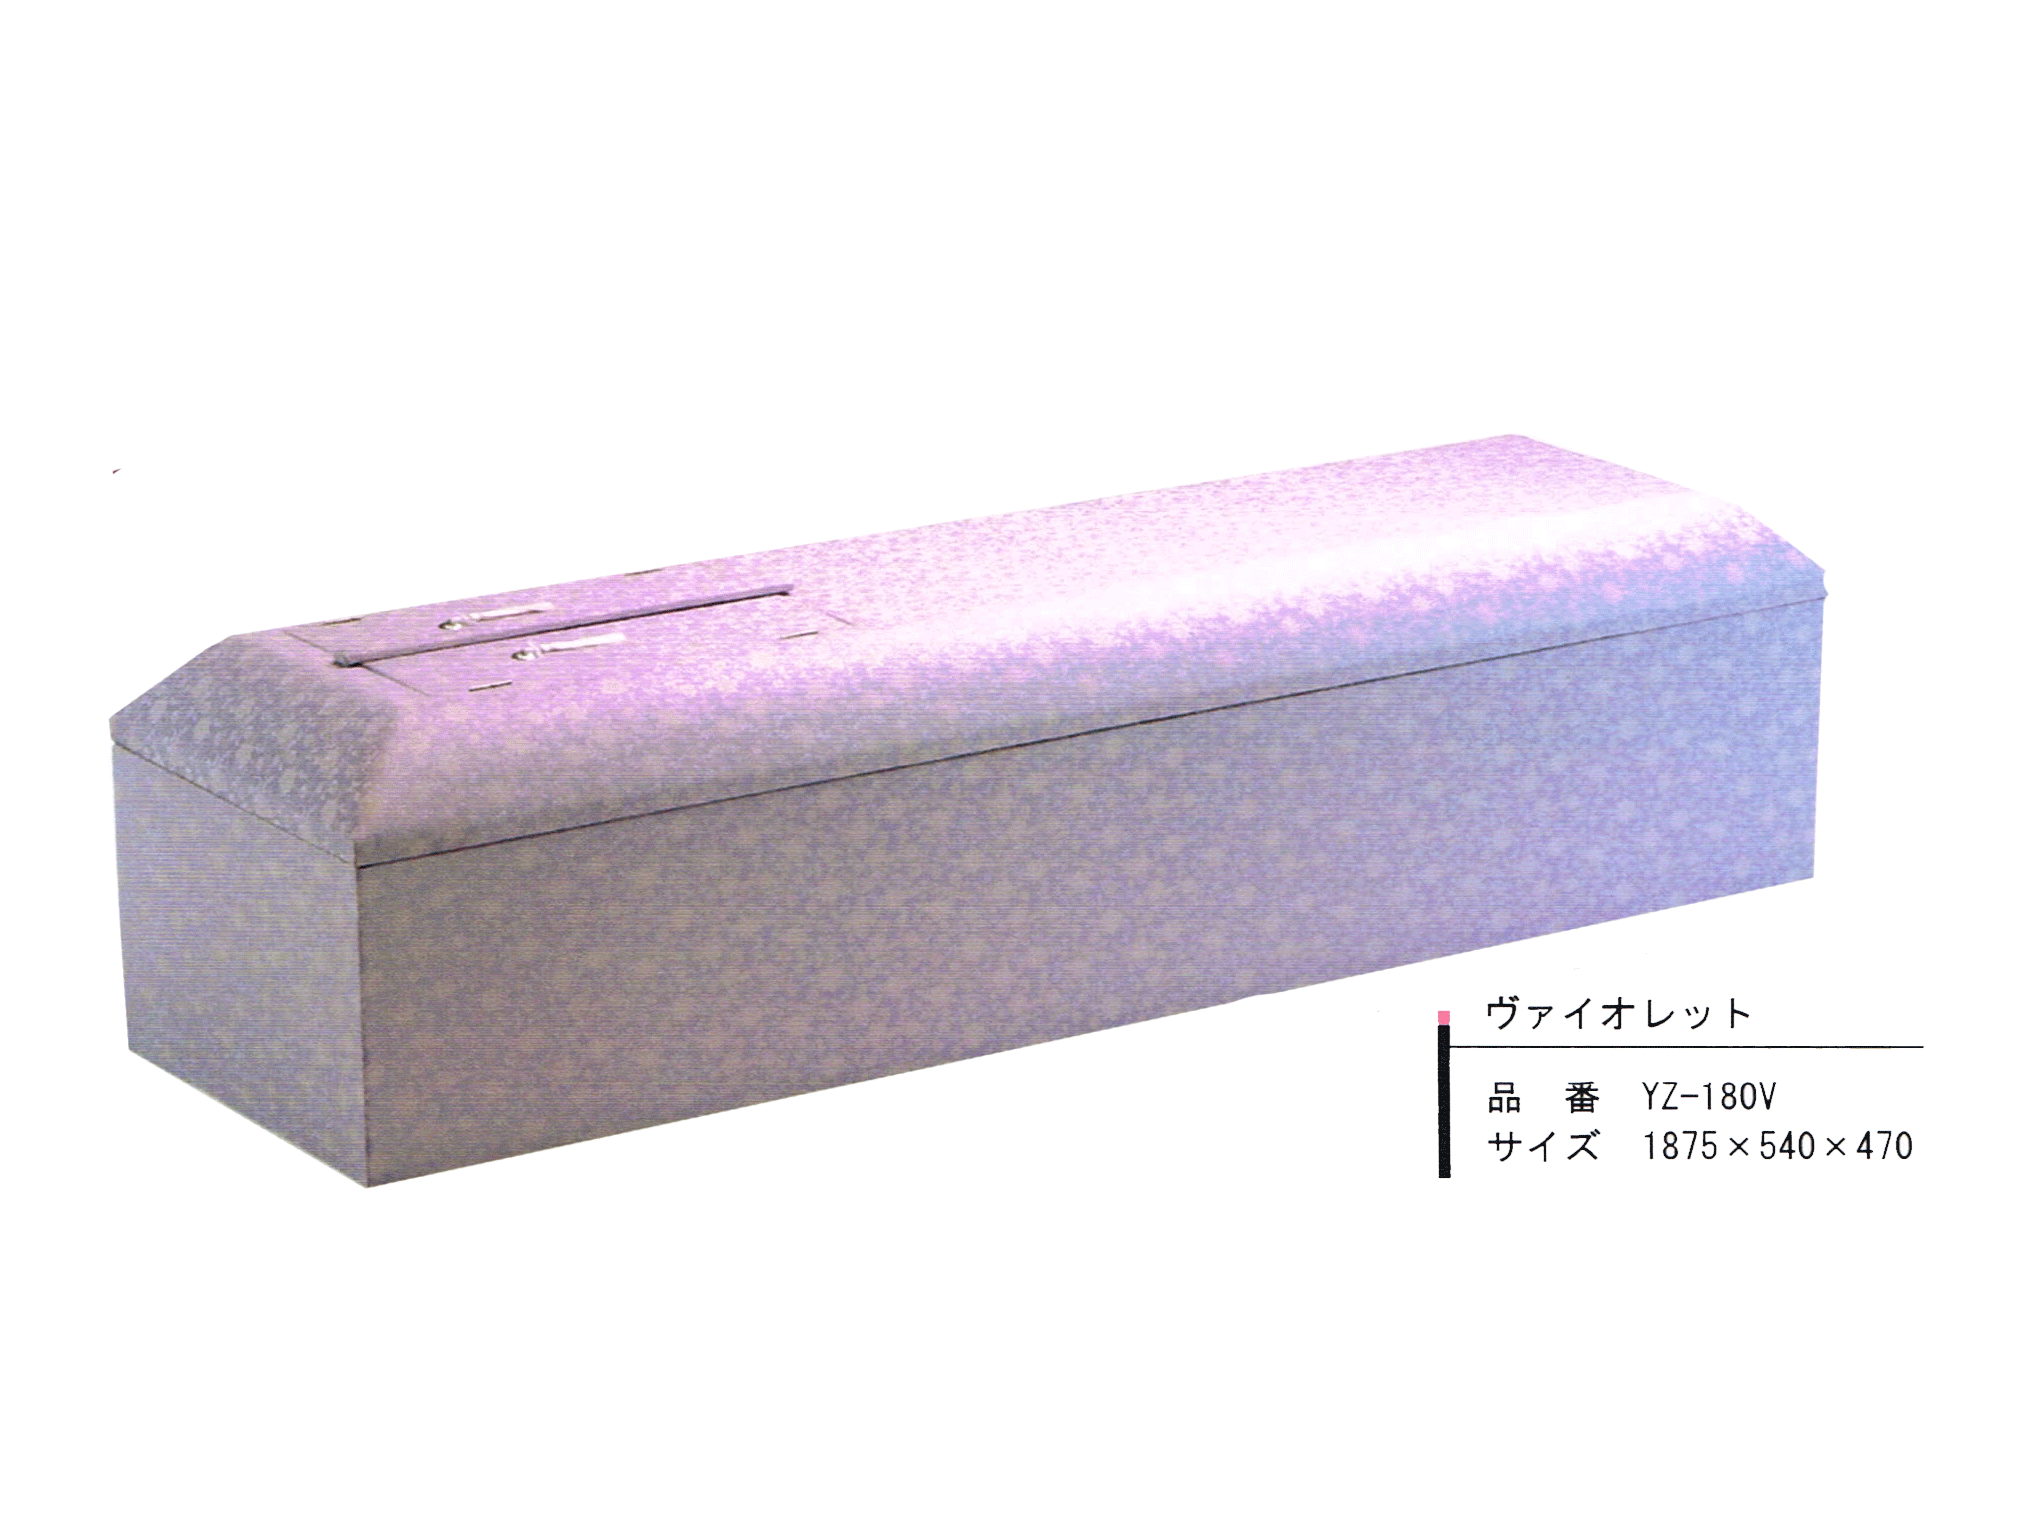 新型布張棺 シンシア ヴァイオレット